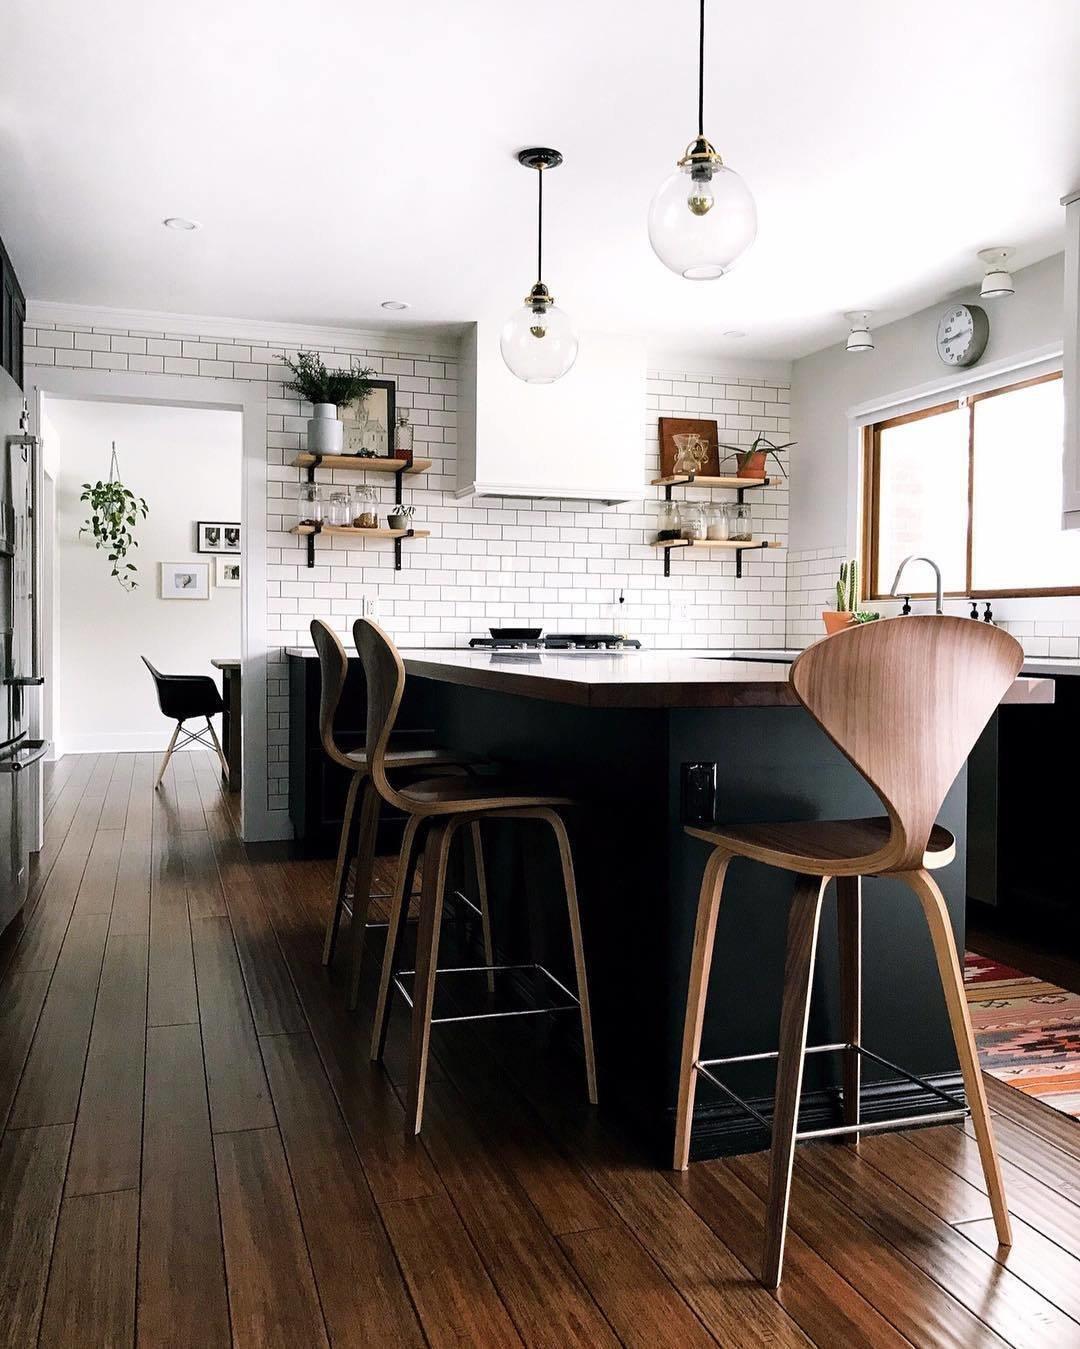 clare conklin renovated kitchen